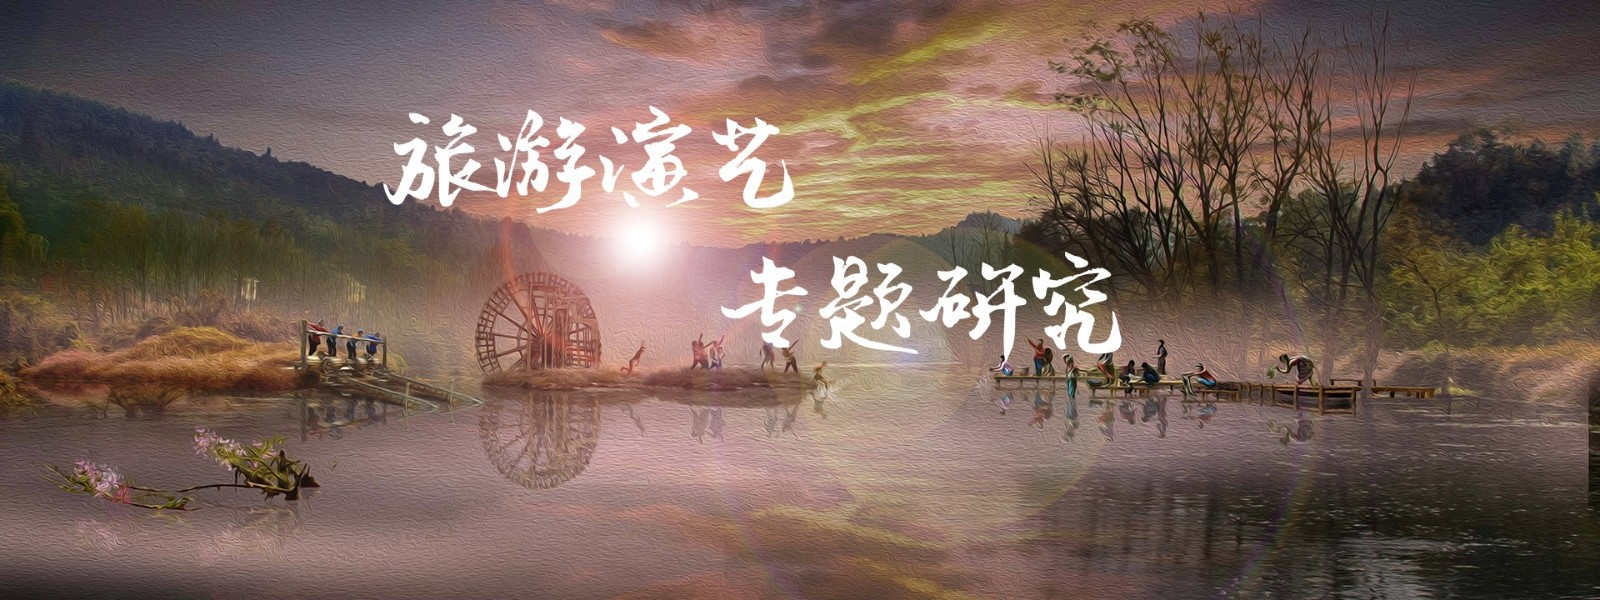 """沉浸式旅游演艺发展还需""""内容为王"""""""